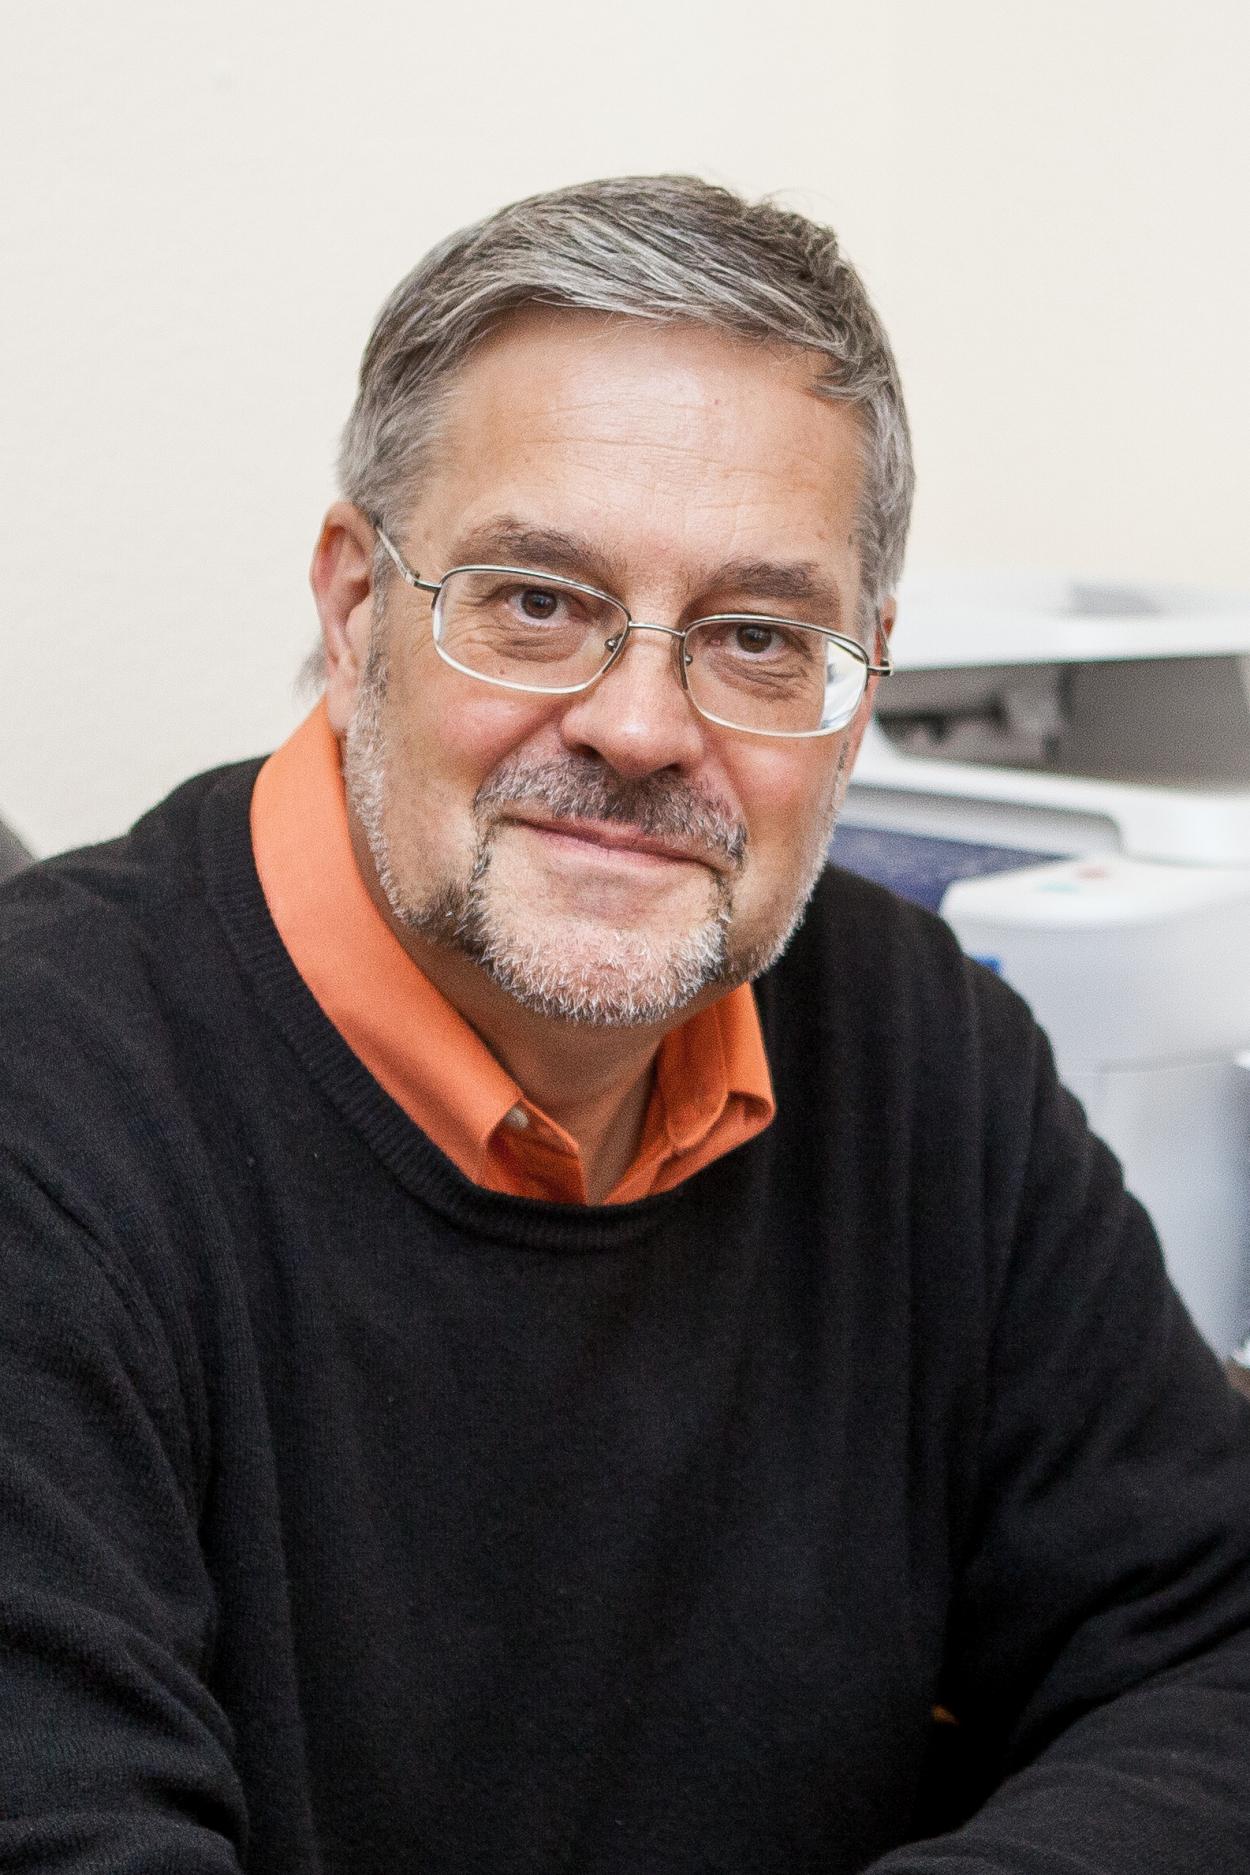 Руководитель лаборатории анализа и моделирования социальных процессов СПбГУ, профессор Мичиганского университета Александр Дмитриевич Кныш